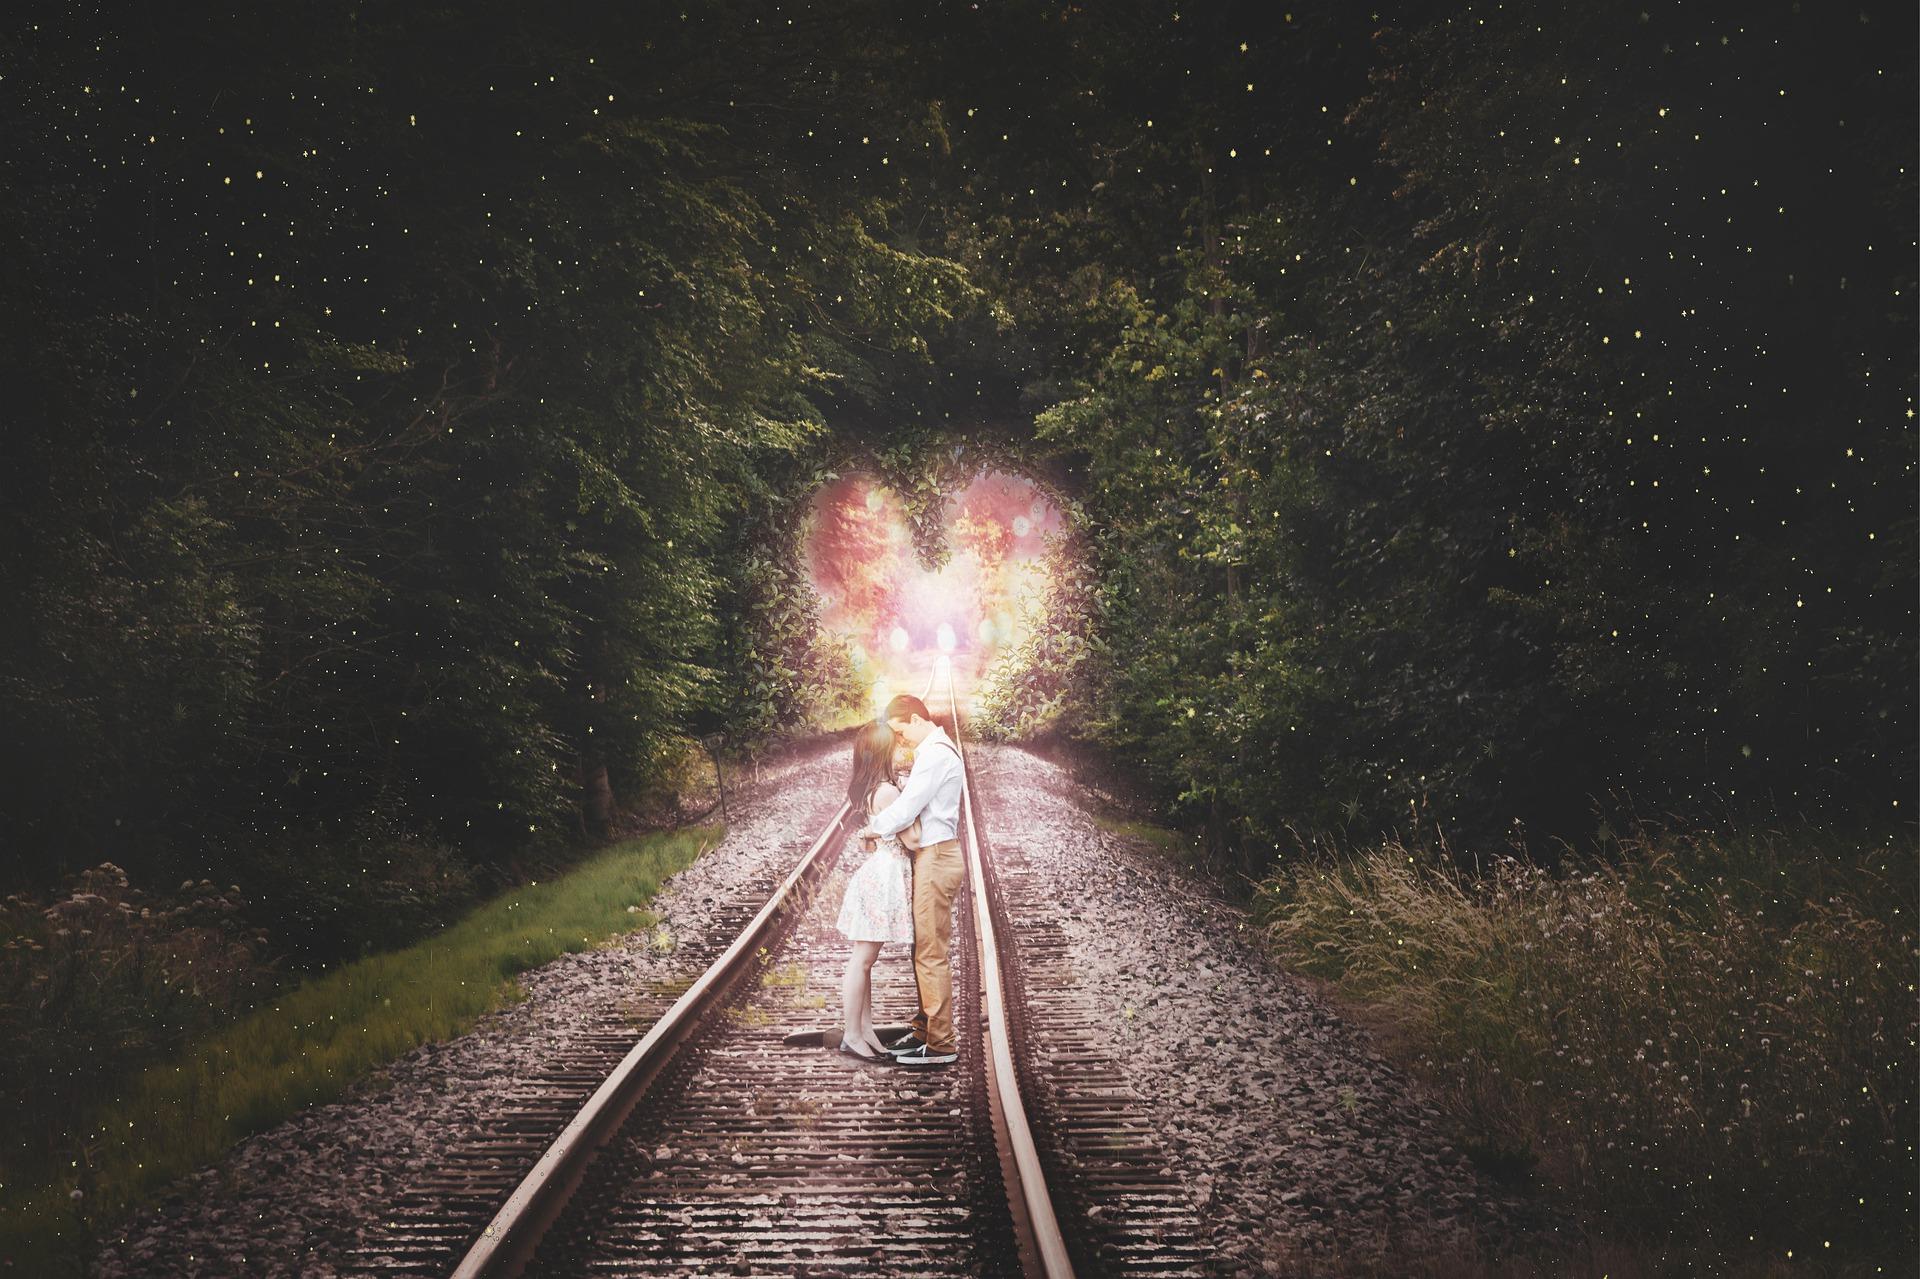 Hooggevoeligheid en liefdesrelaties ♥ Tamara Beekmans ♥ Lichtwerkers Nederland